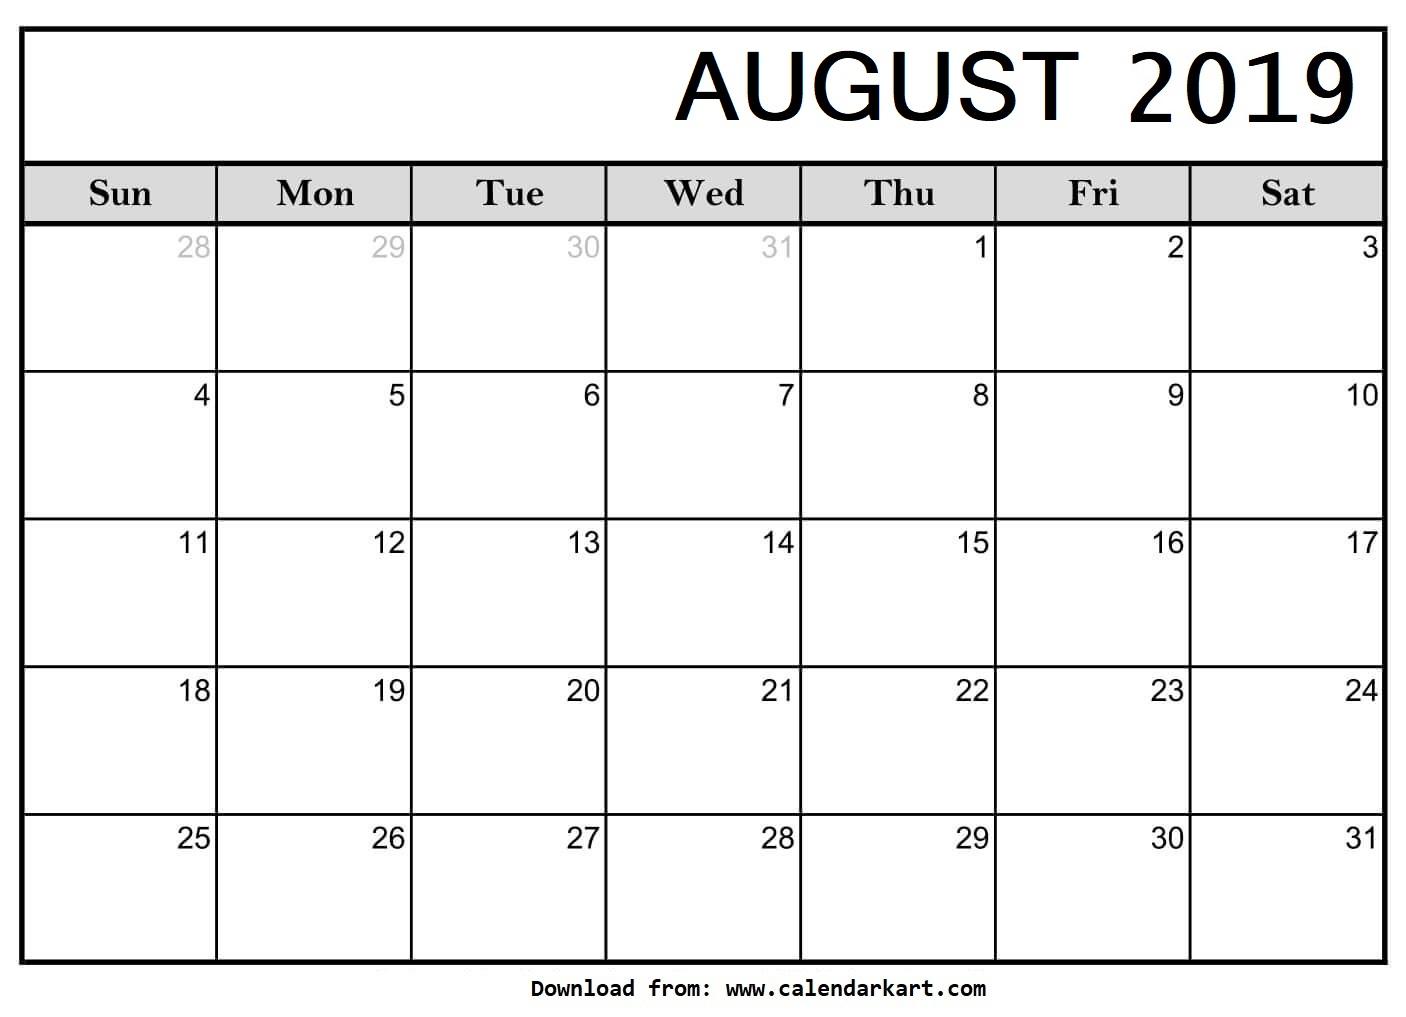 Printable August 2019 Calendar - Calendar-Kart